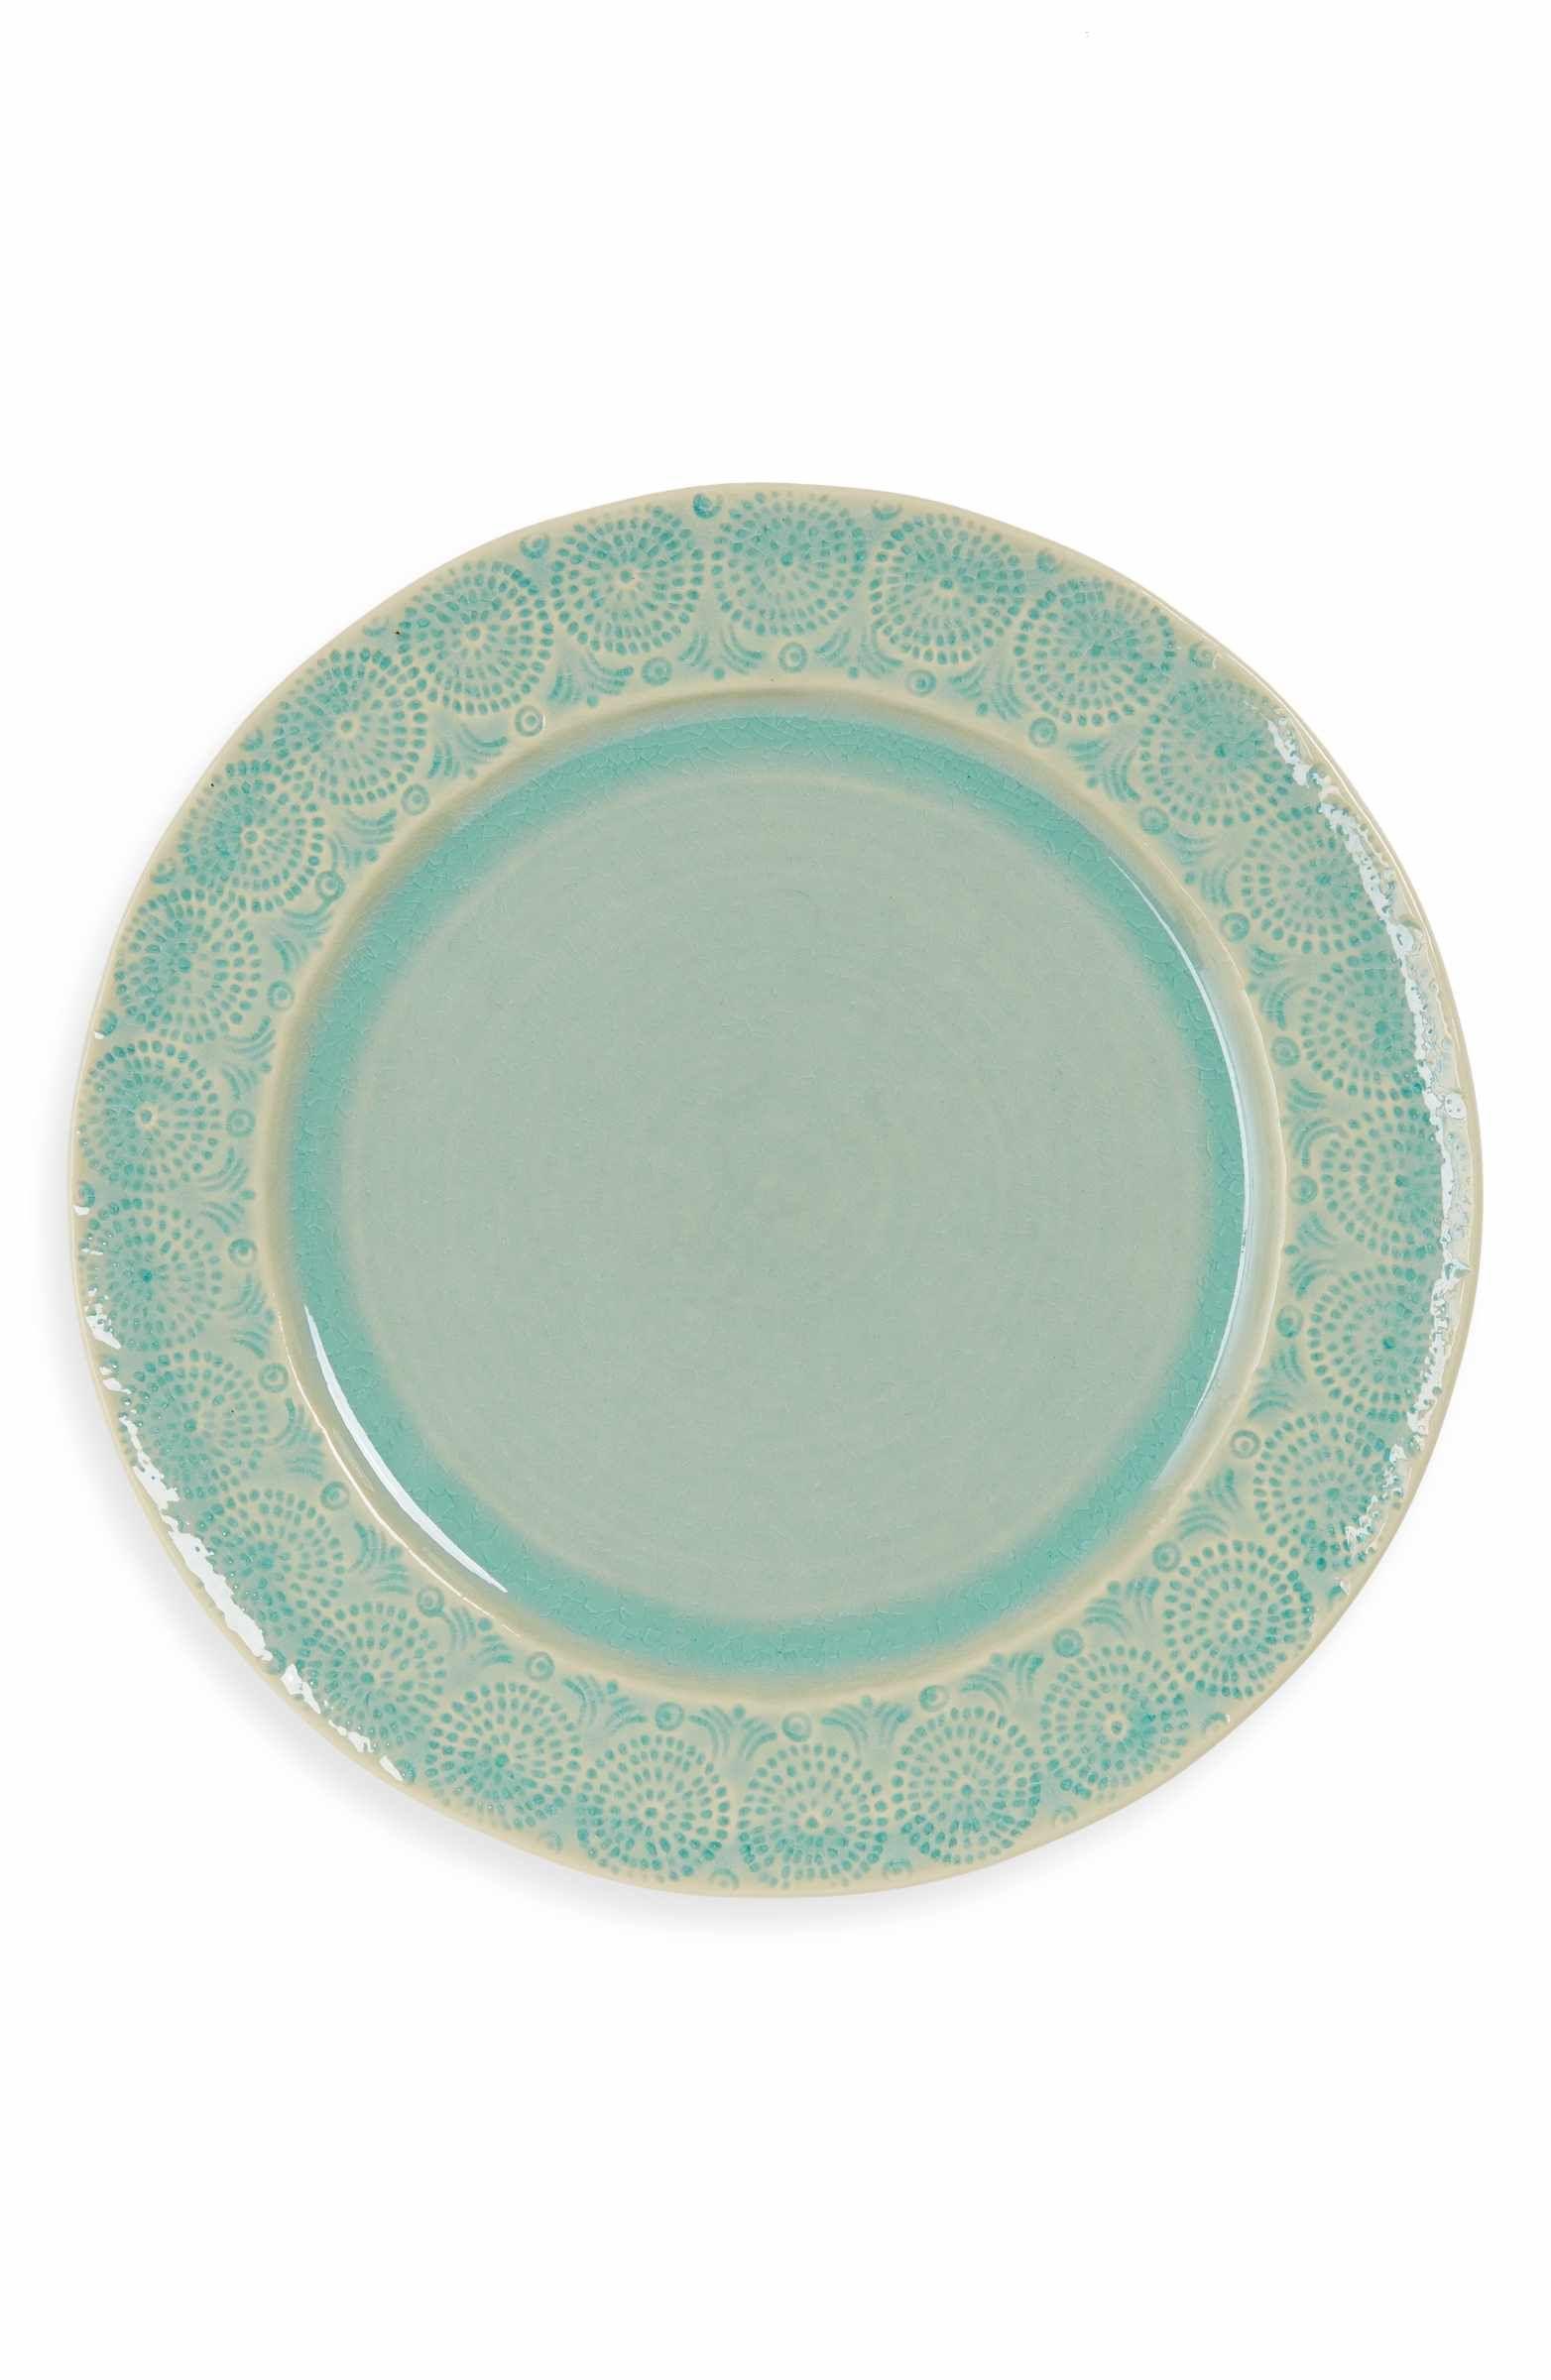 Anthropologie Old Havana Dinner Plate Dinner Plates Plates